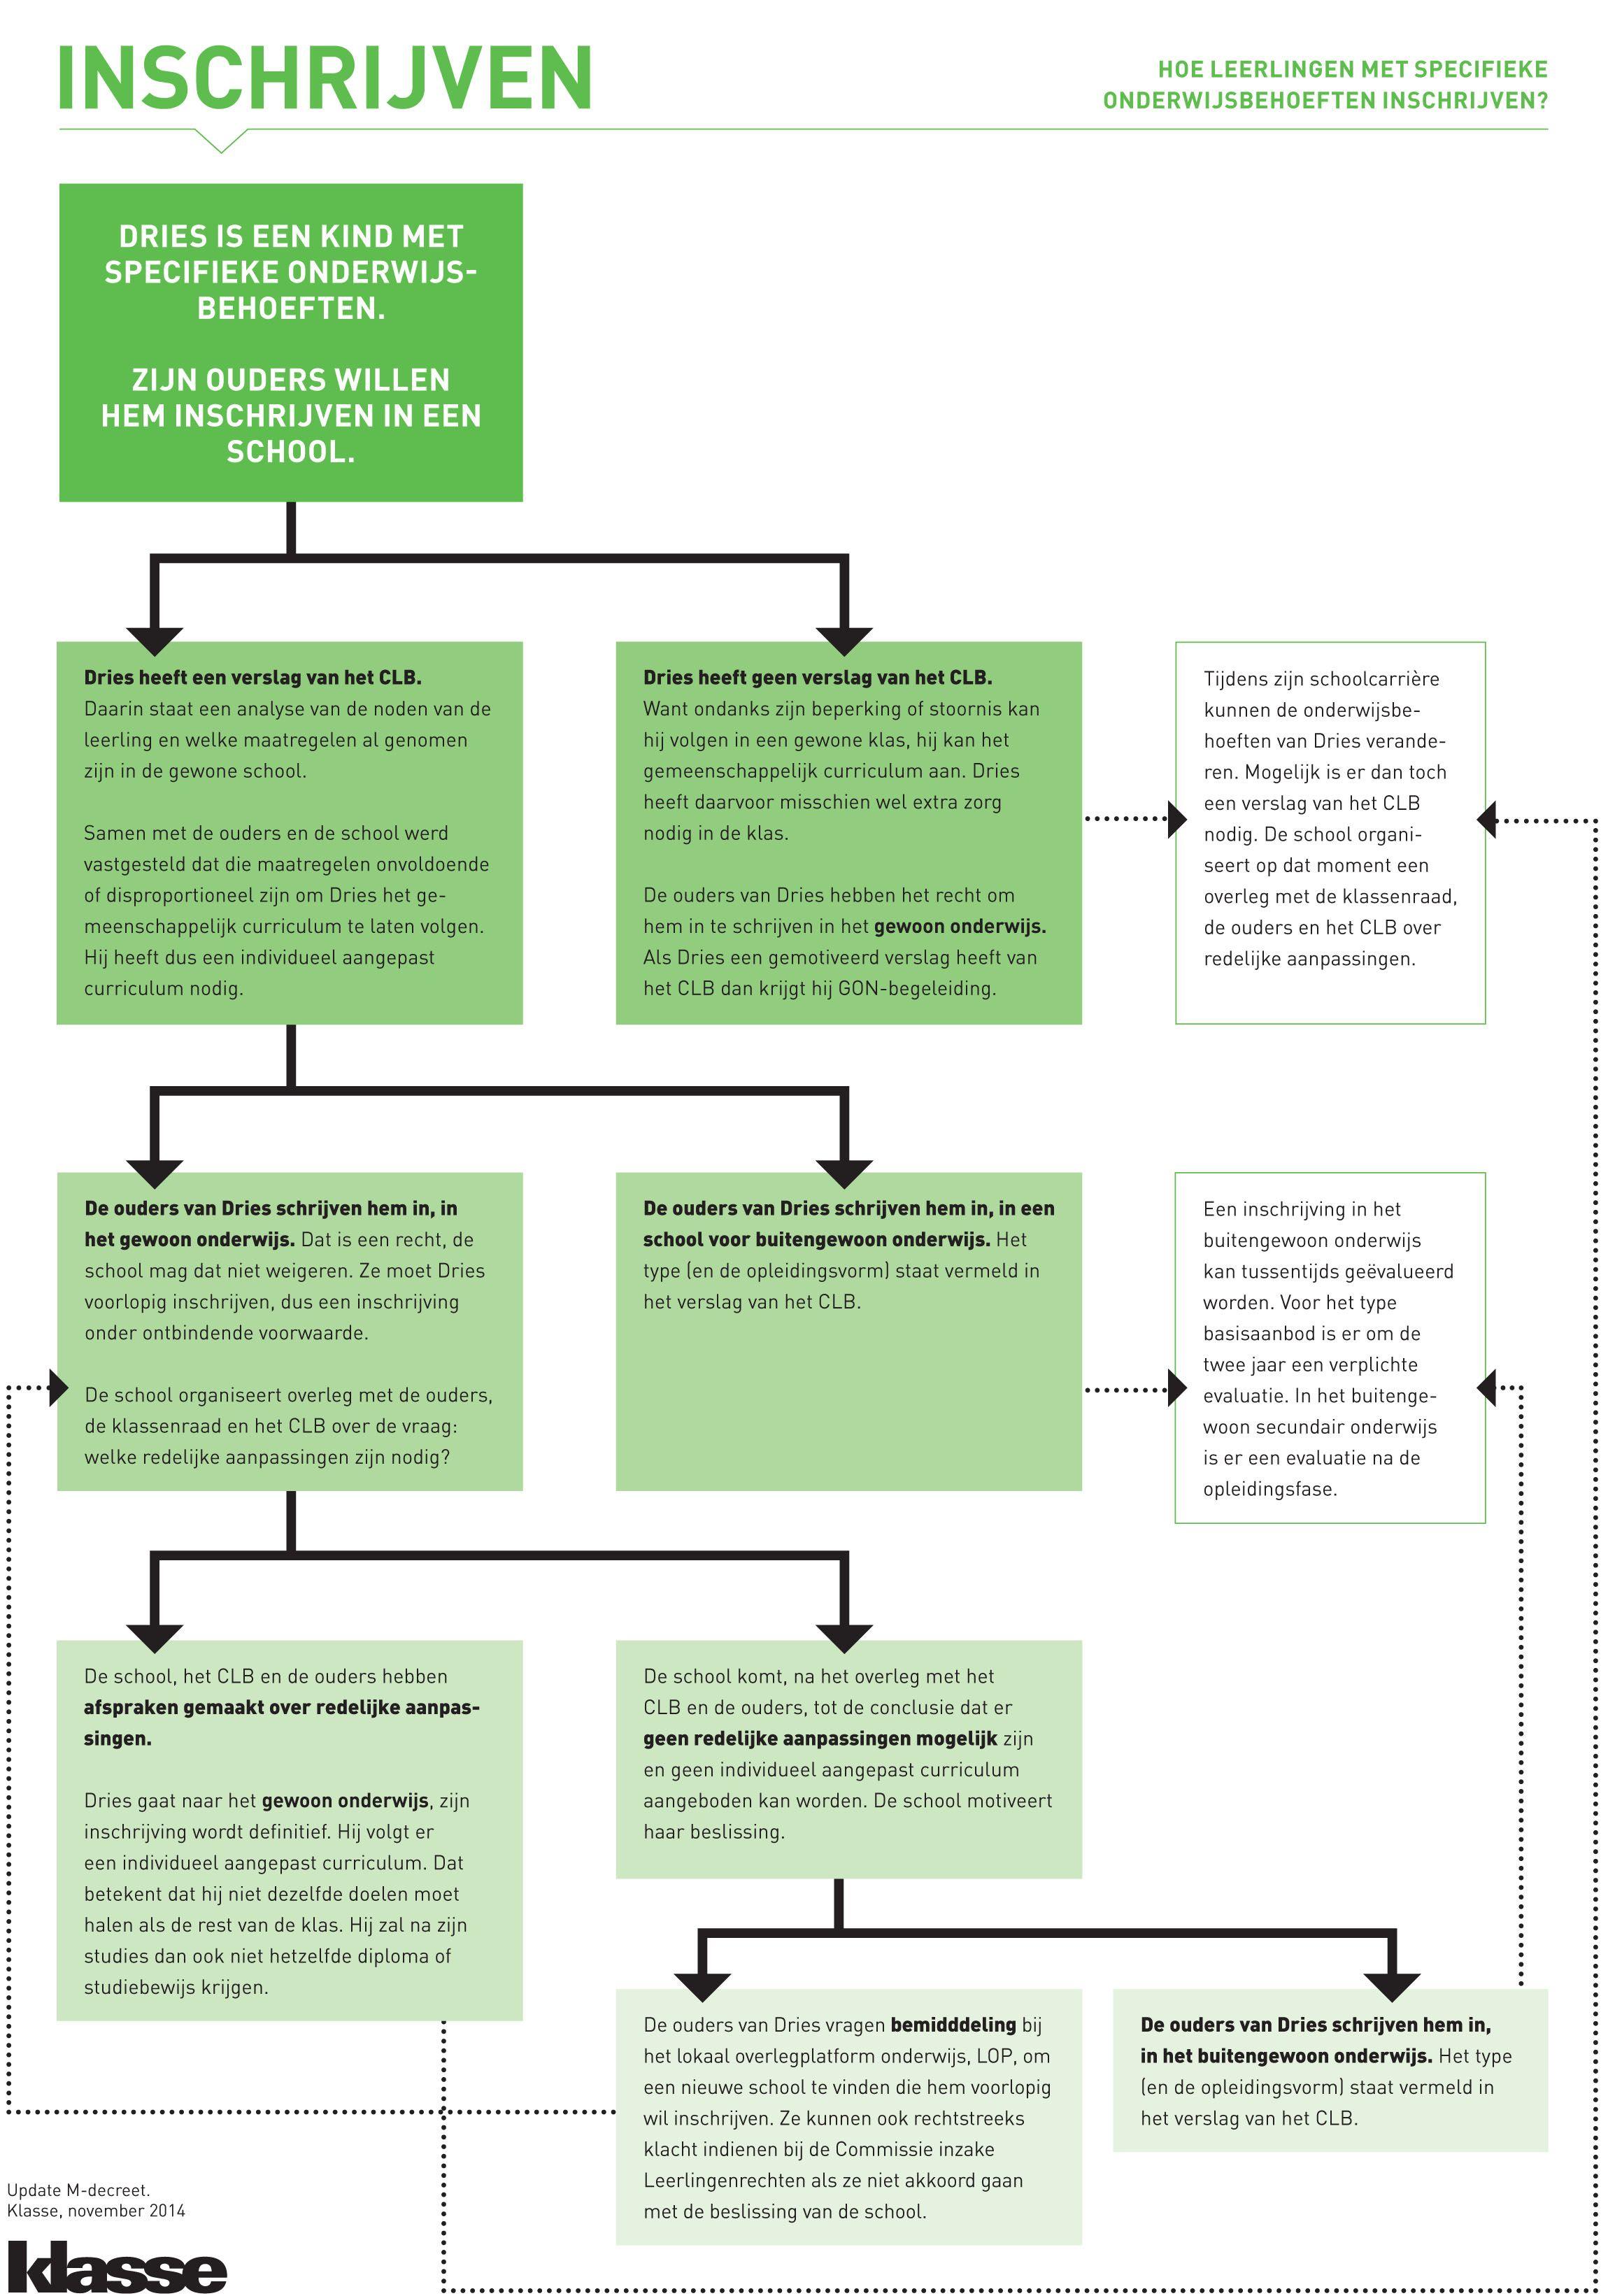 Schema: inschrijven volgens het M-decreet op Klasse voor Leraren